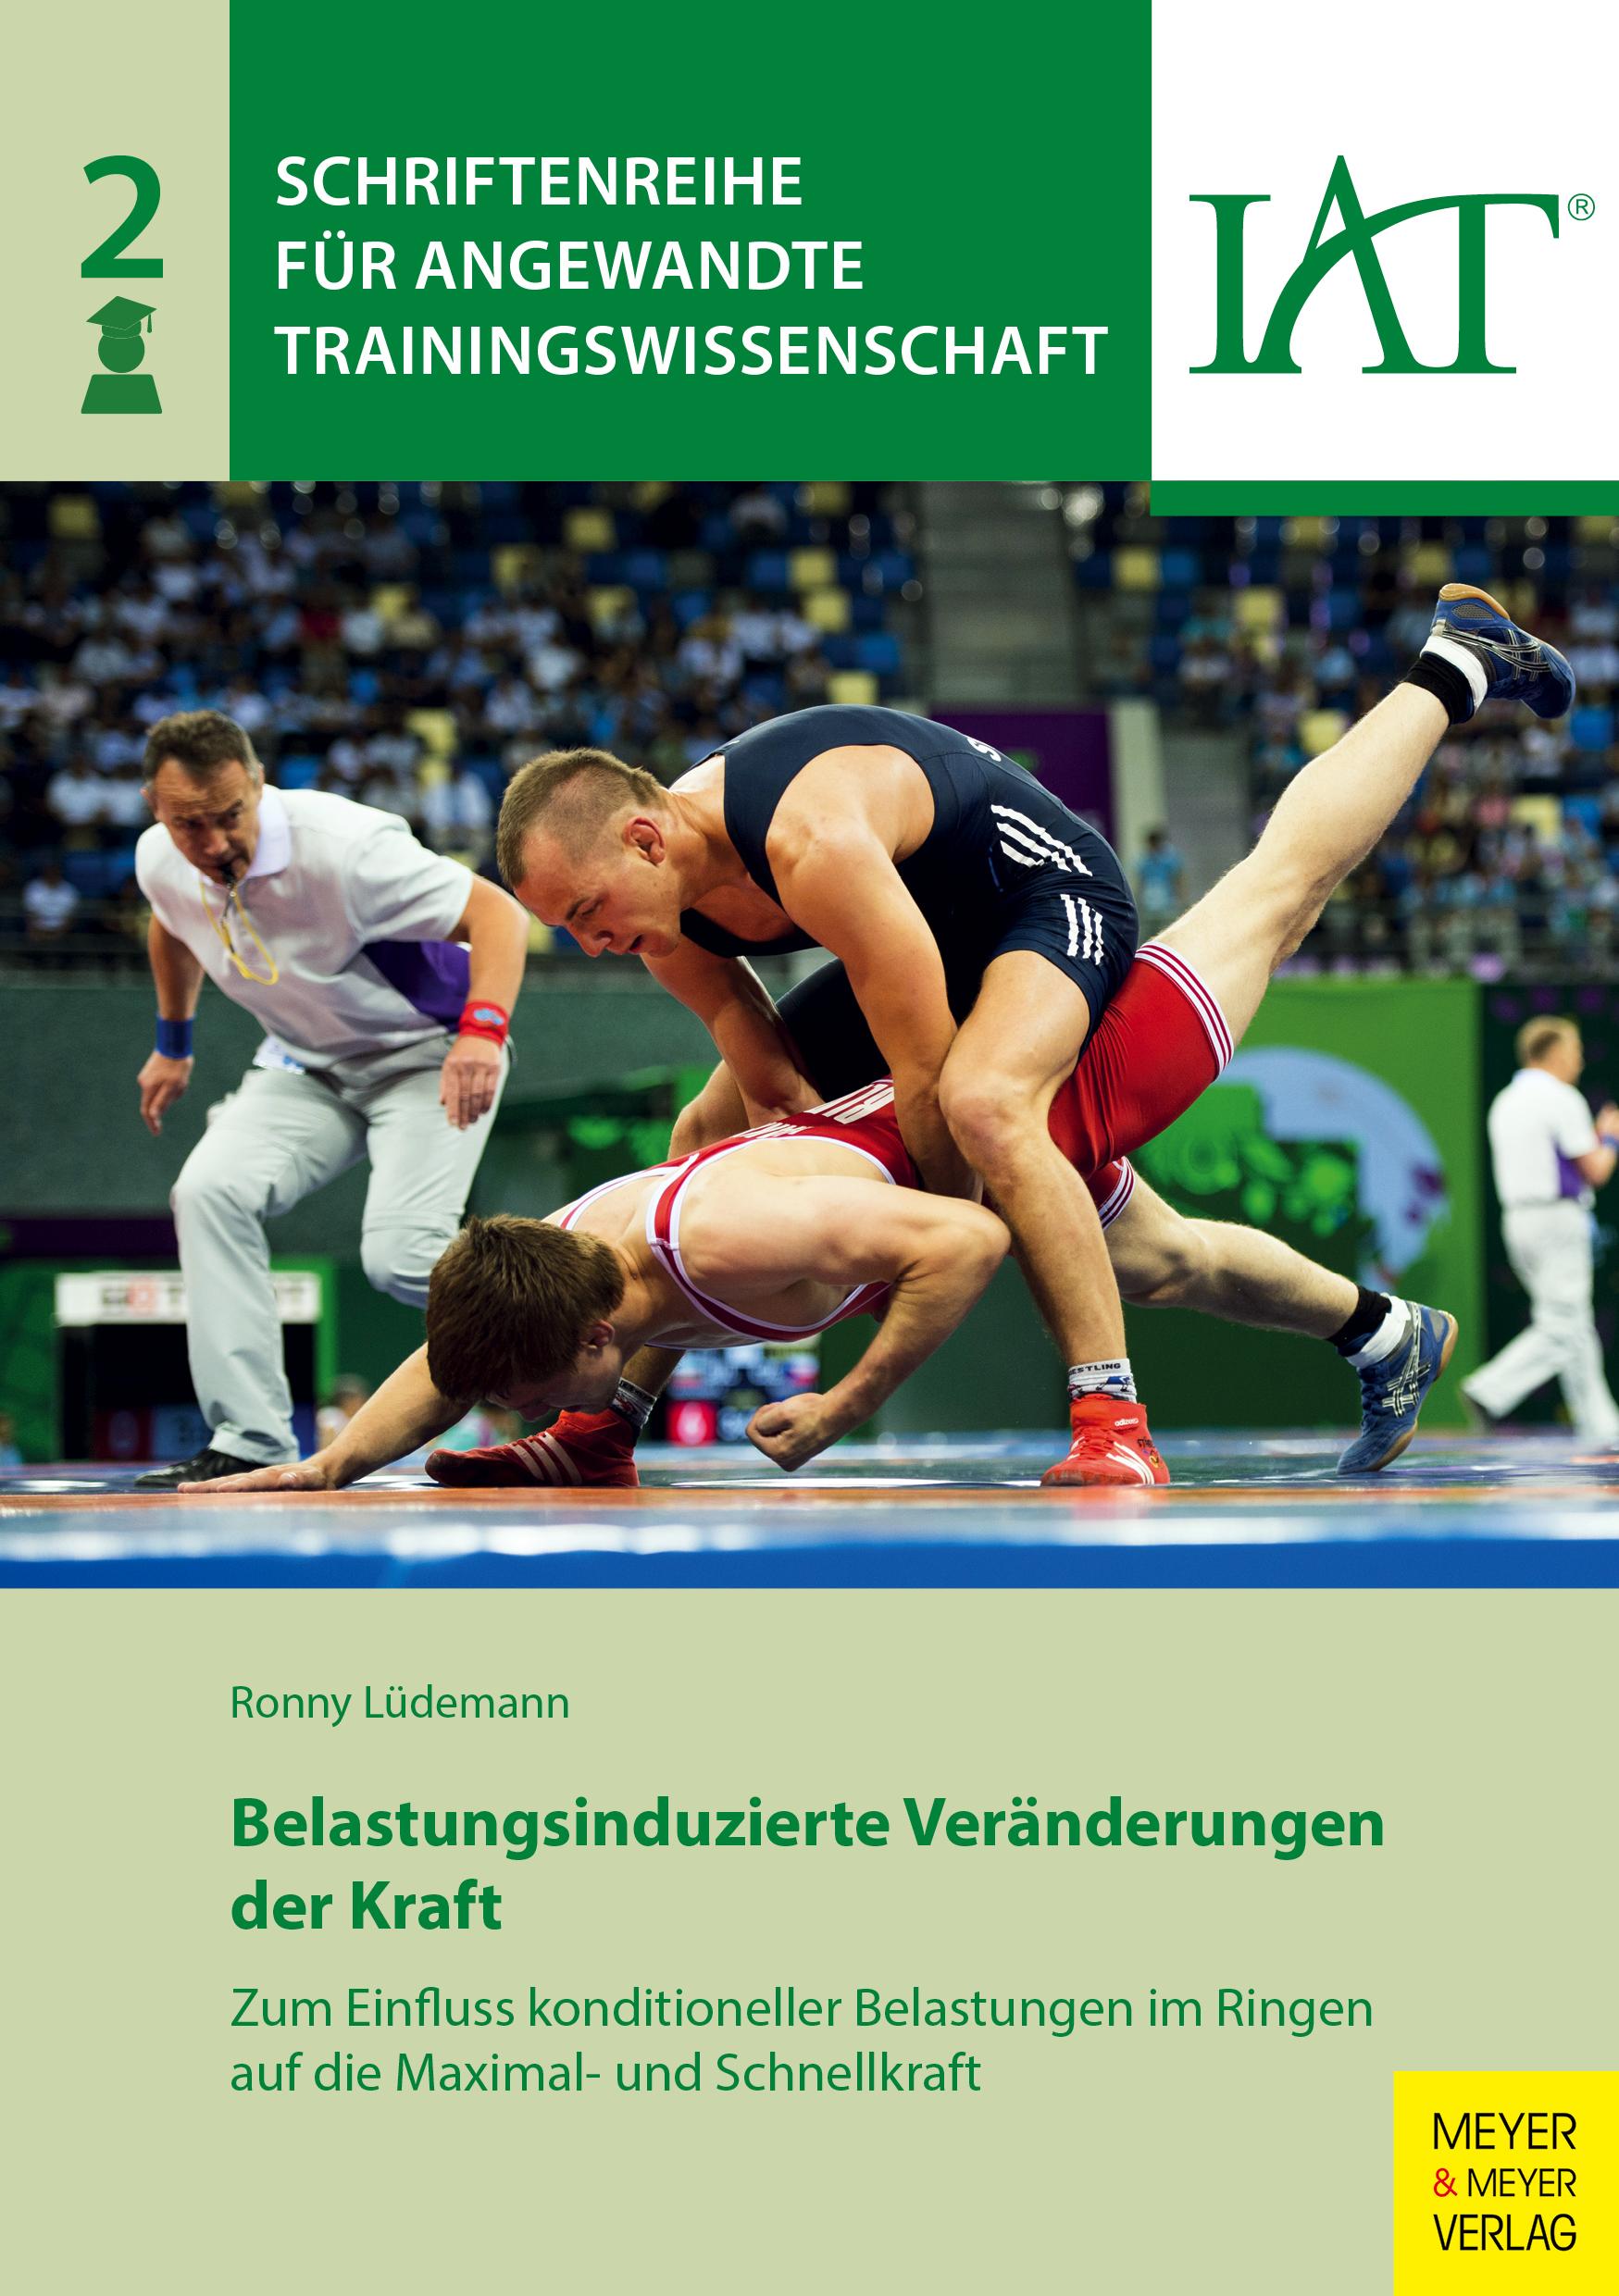 Belastungsinduzierte-Veraenderungen-der-Kraft-Luedemann-Ronny-Schriftenreihe-fue